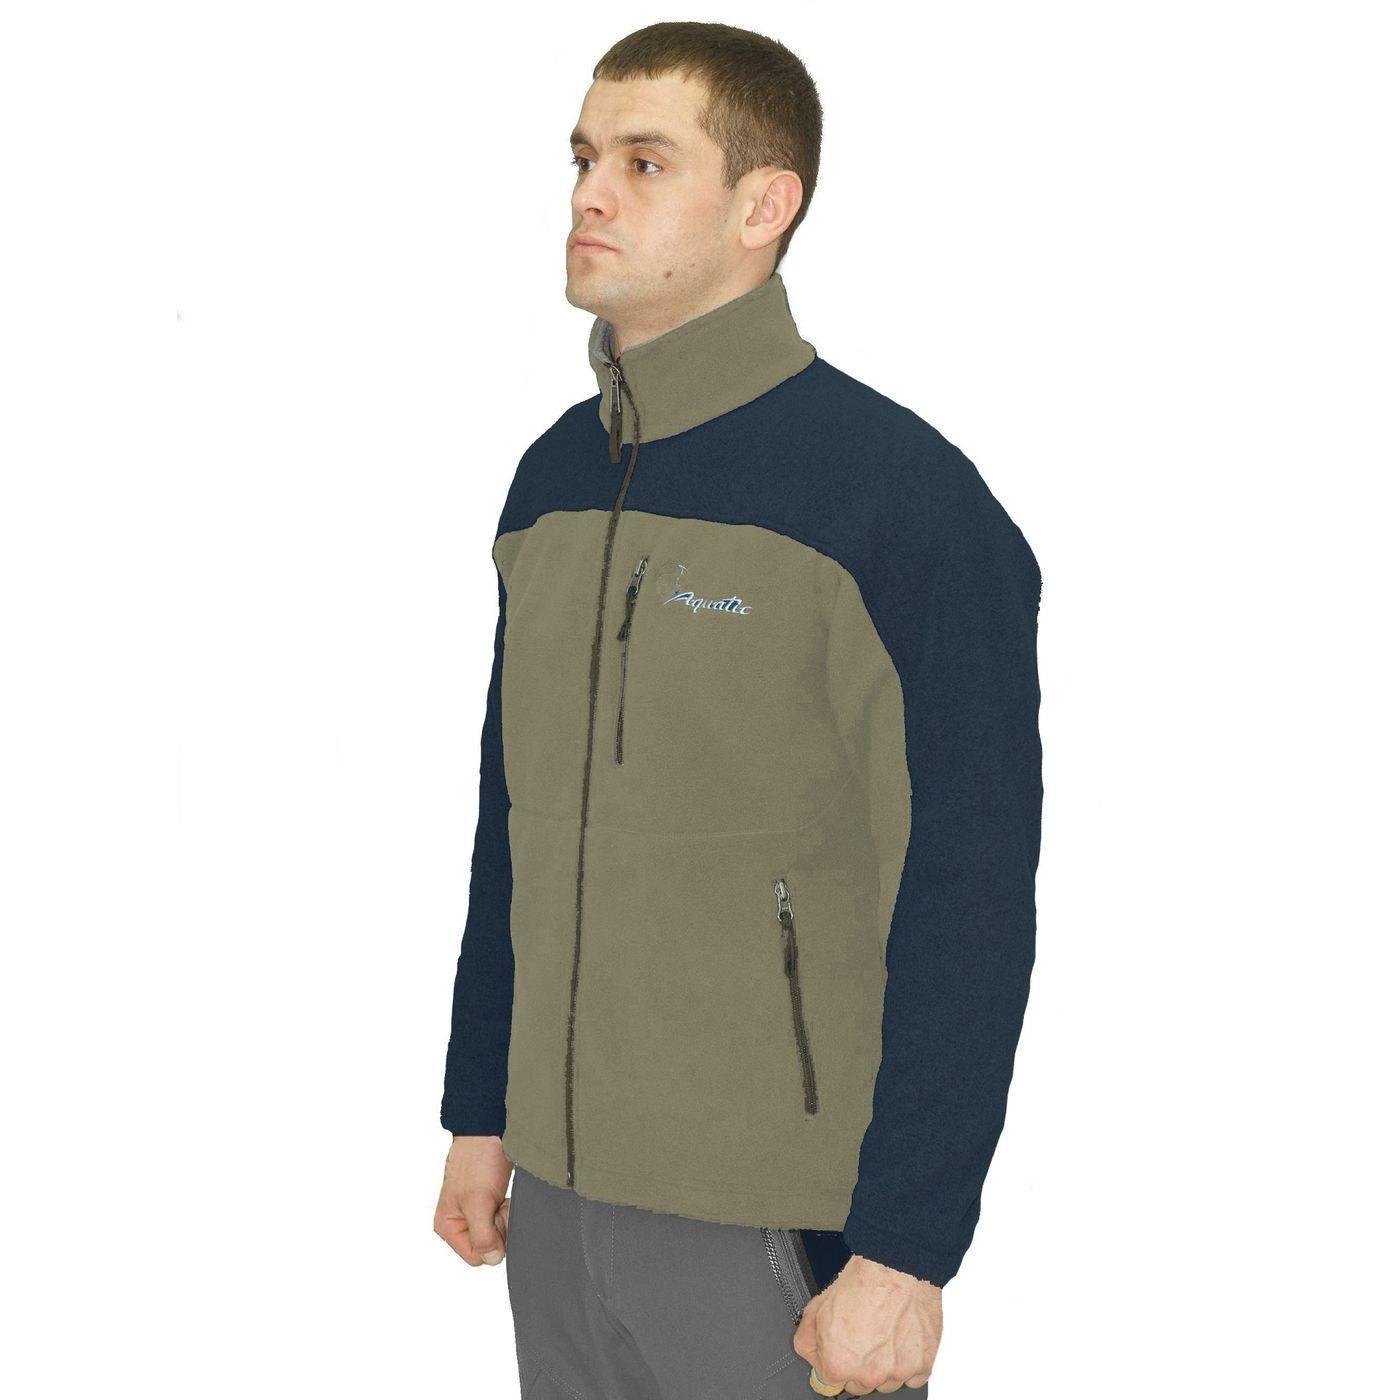 Fleece Jacket Aquatic Kf-03 BS Kf-03 BS M